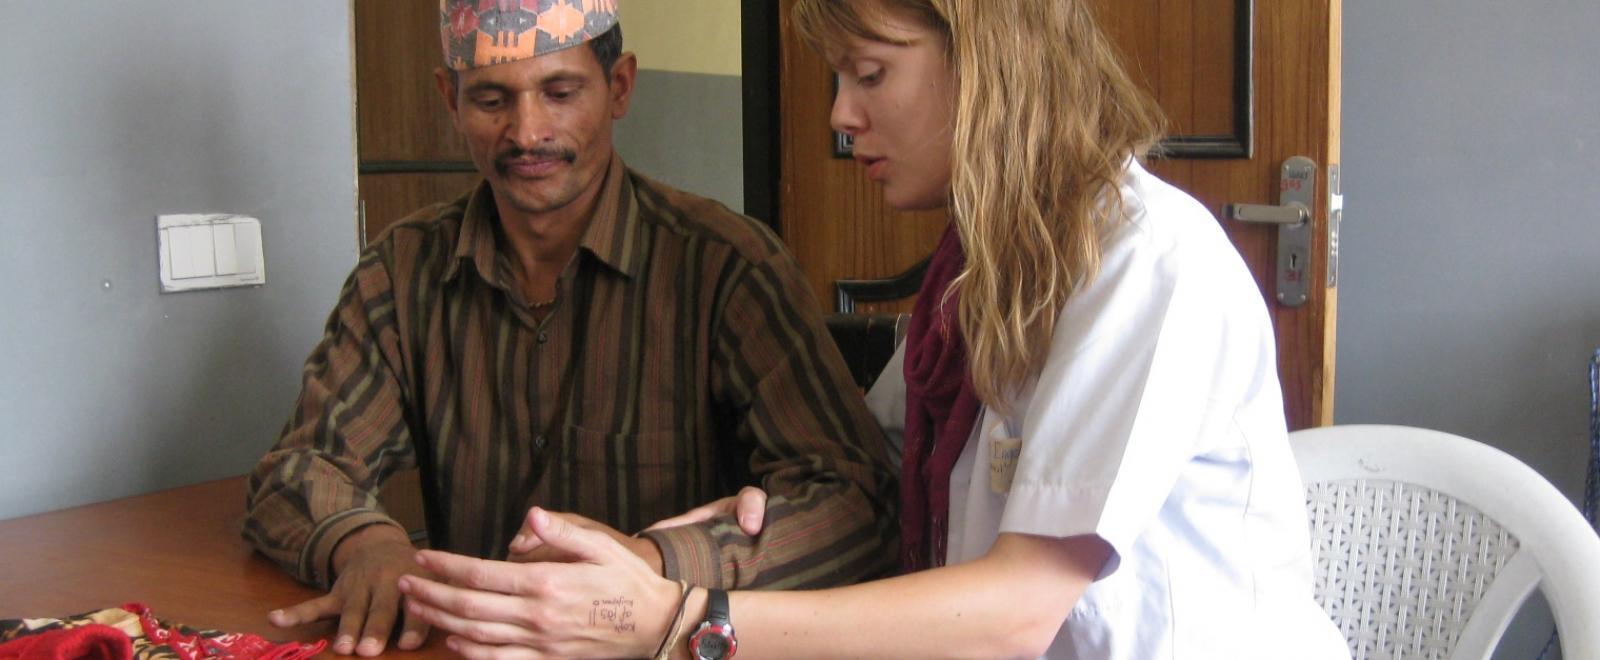 Una interna de Fisioterapia en Nepal adquiriendo experiencia trabajando con pacientes.